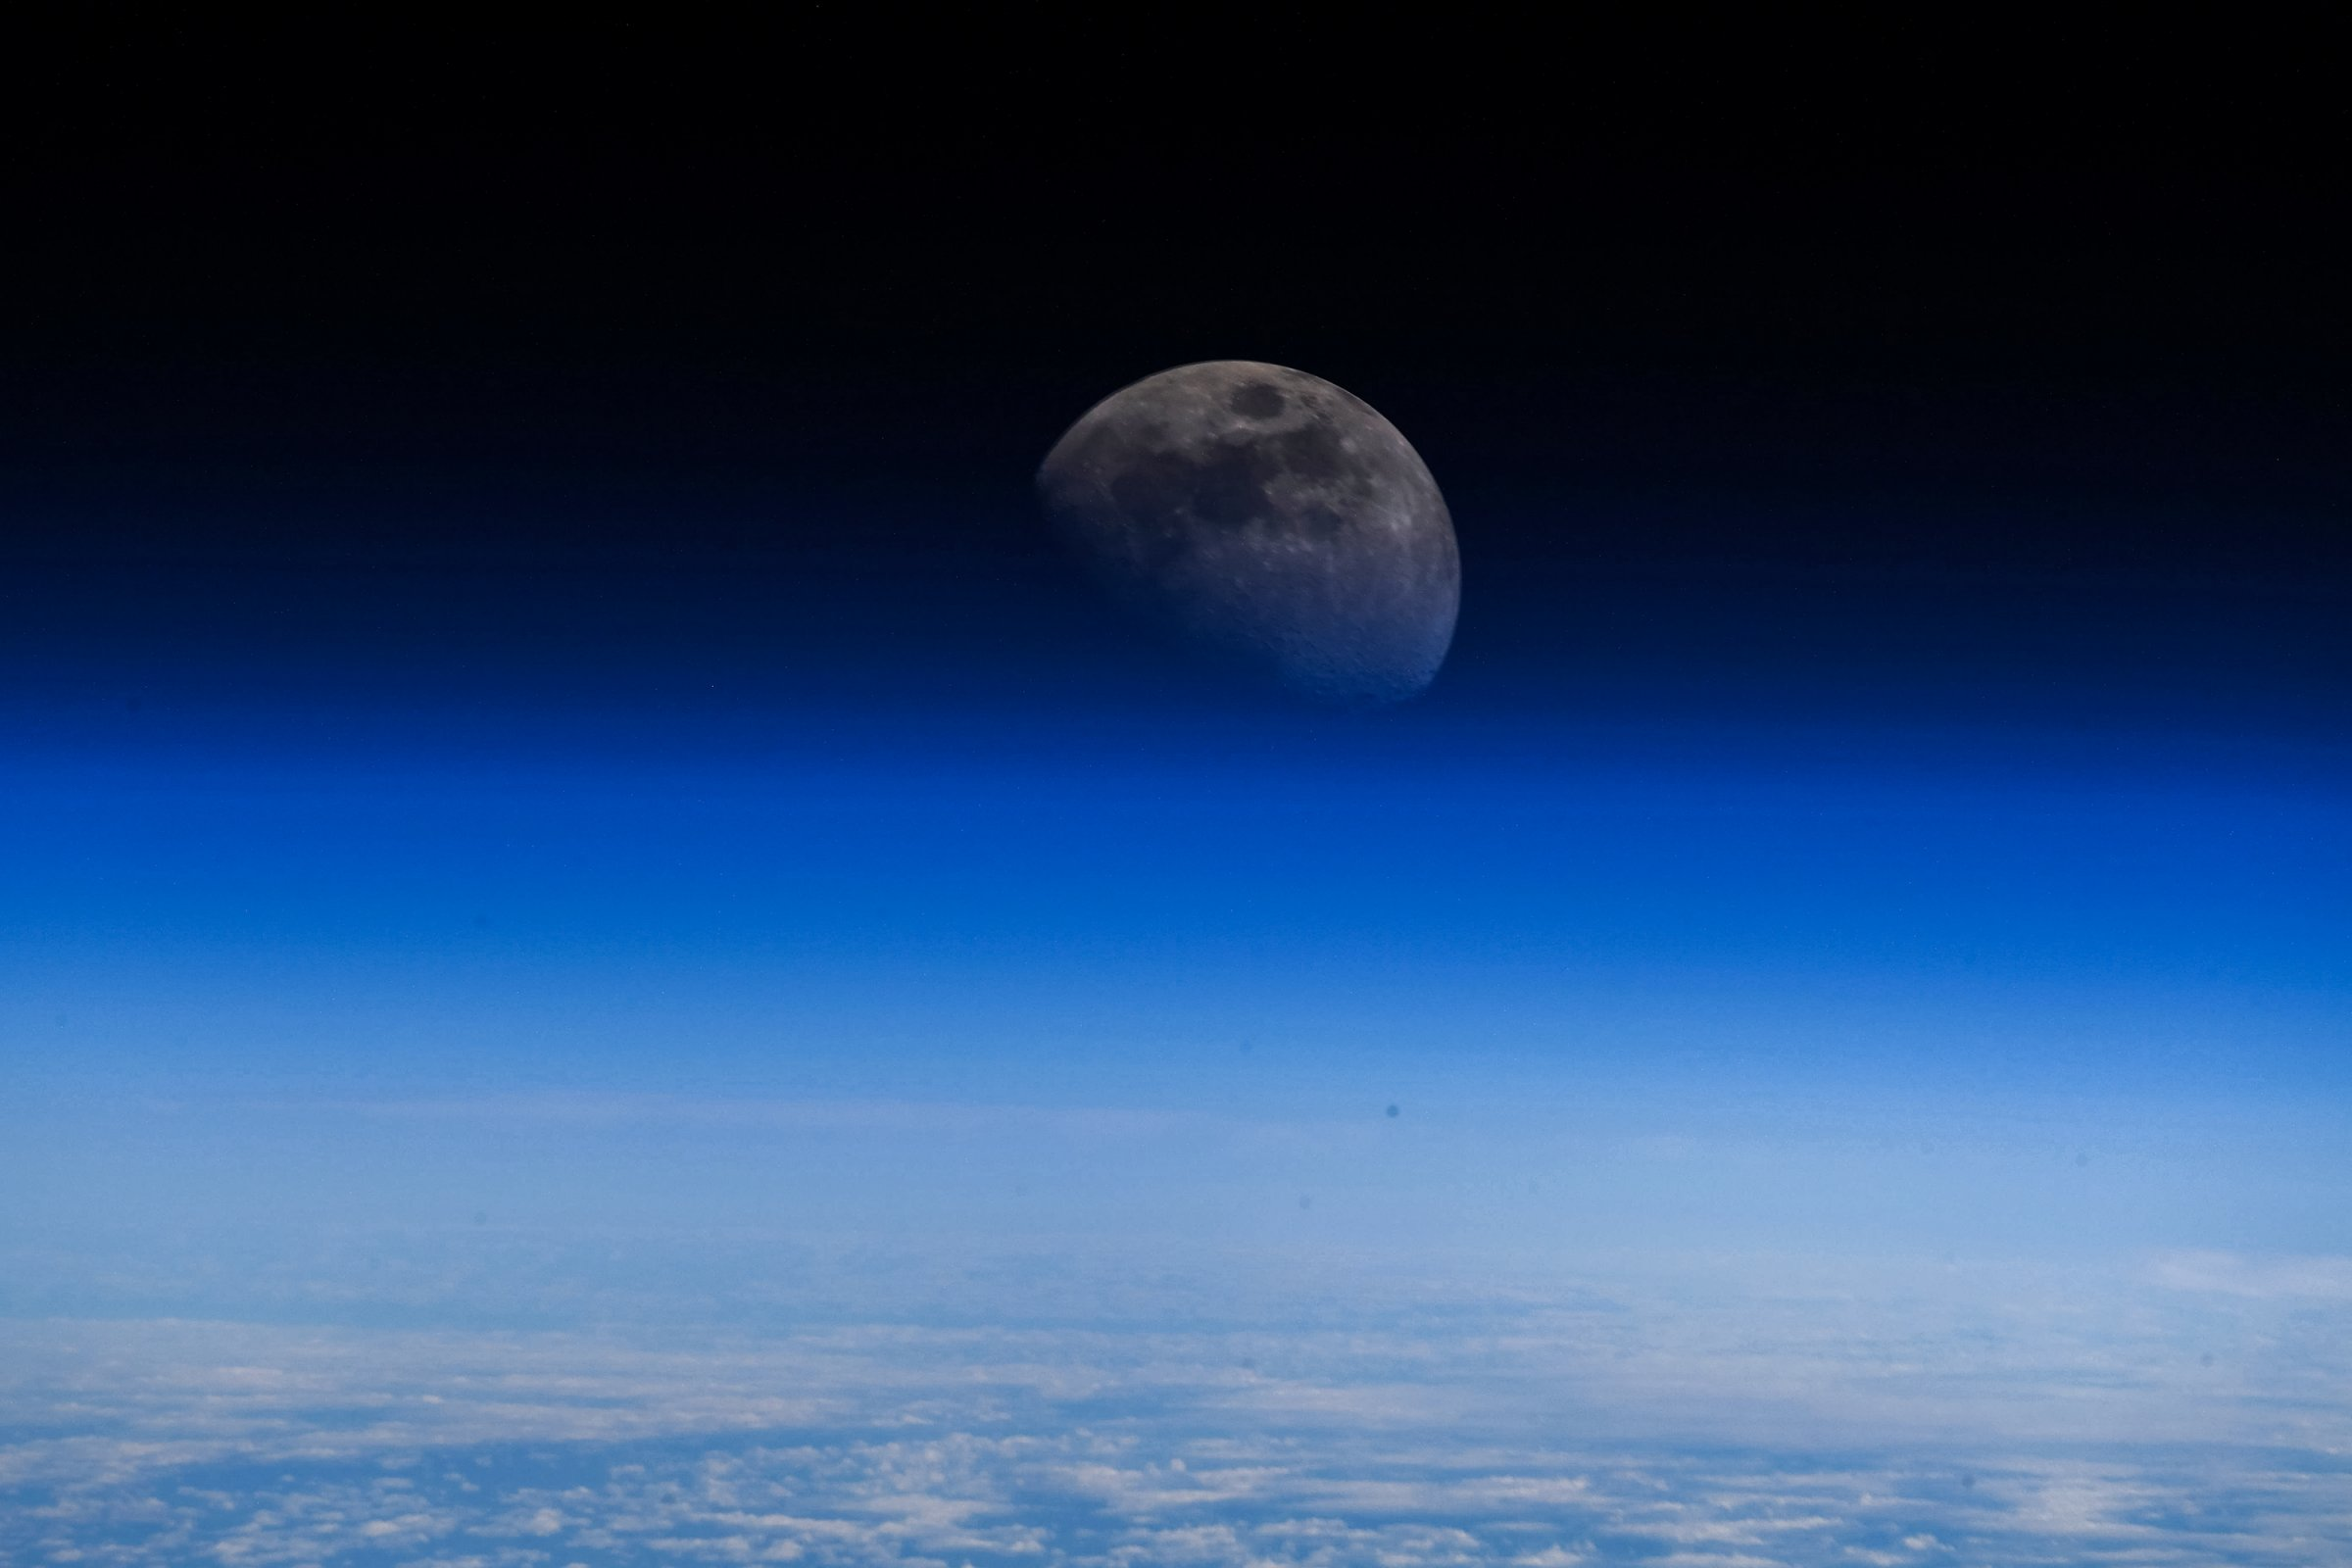 Arriva la conferma definitiva di presenza di ghiaccio sulla Luna